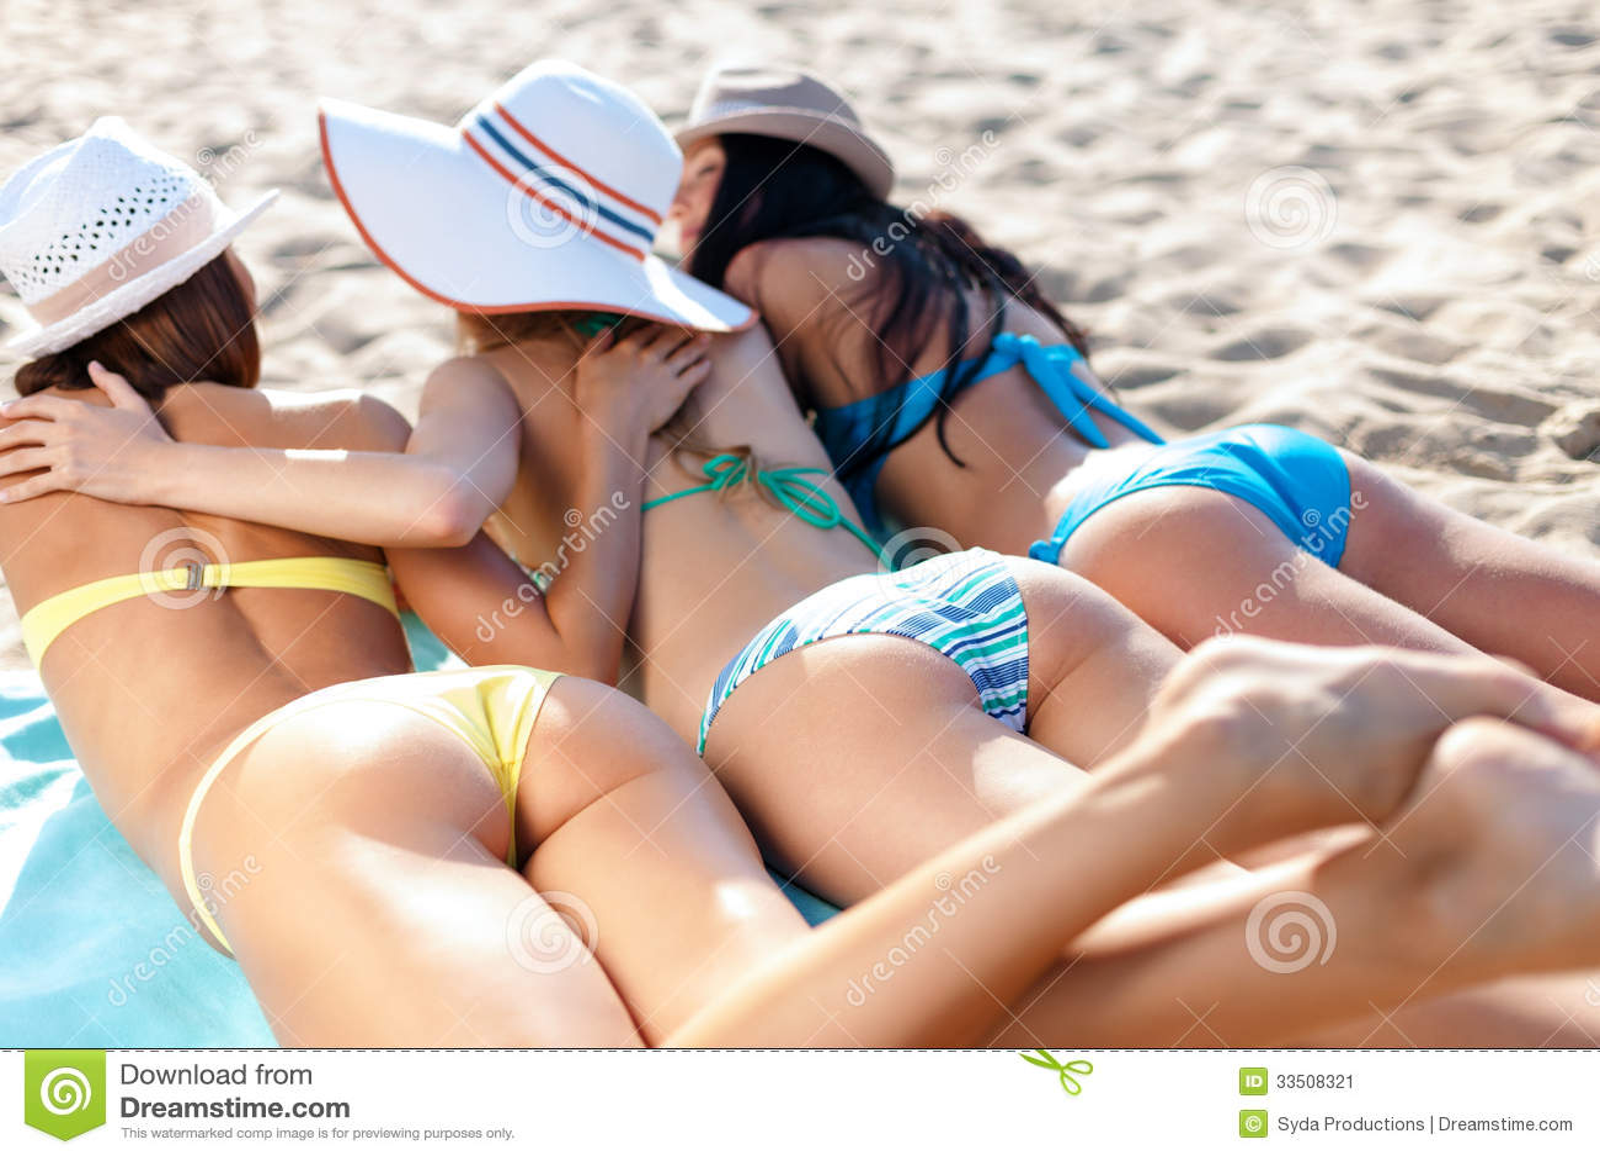 Девушки в бикини загорают фото 225-999